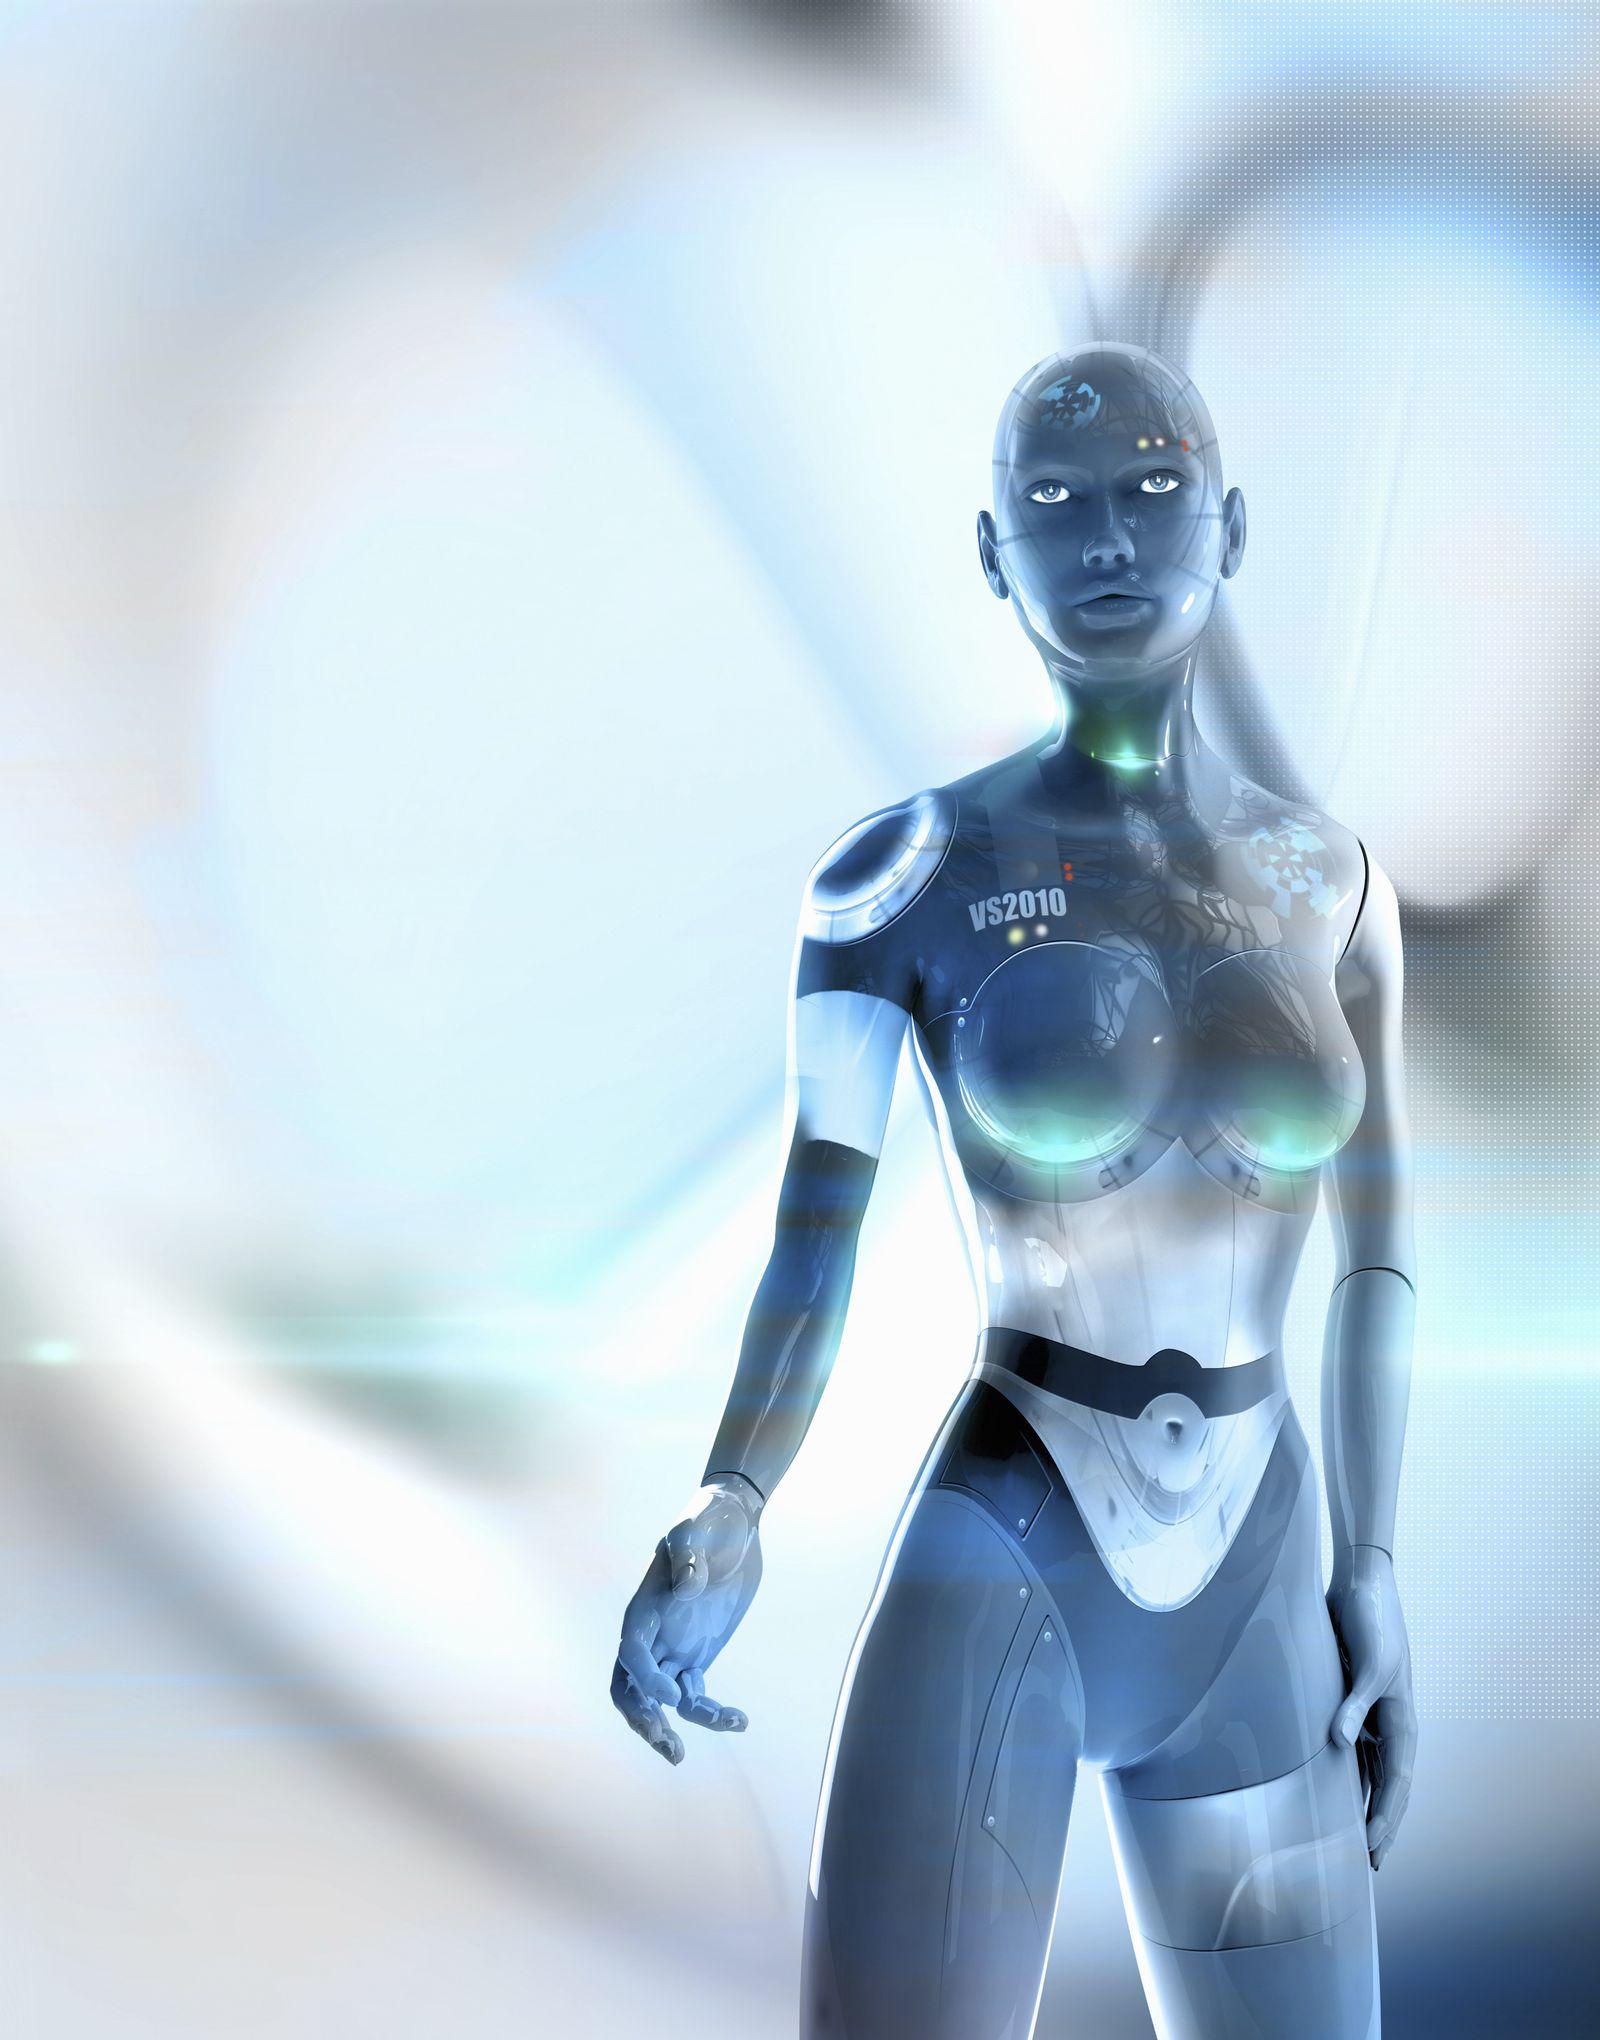 NICHT MEHR VERWENDEN! - Künstliche Intelligenz/ Roboter